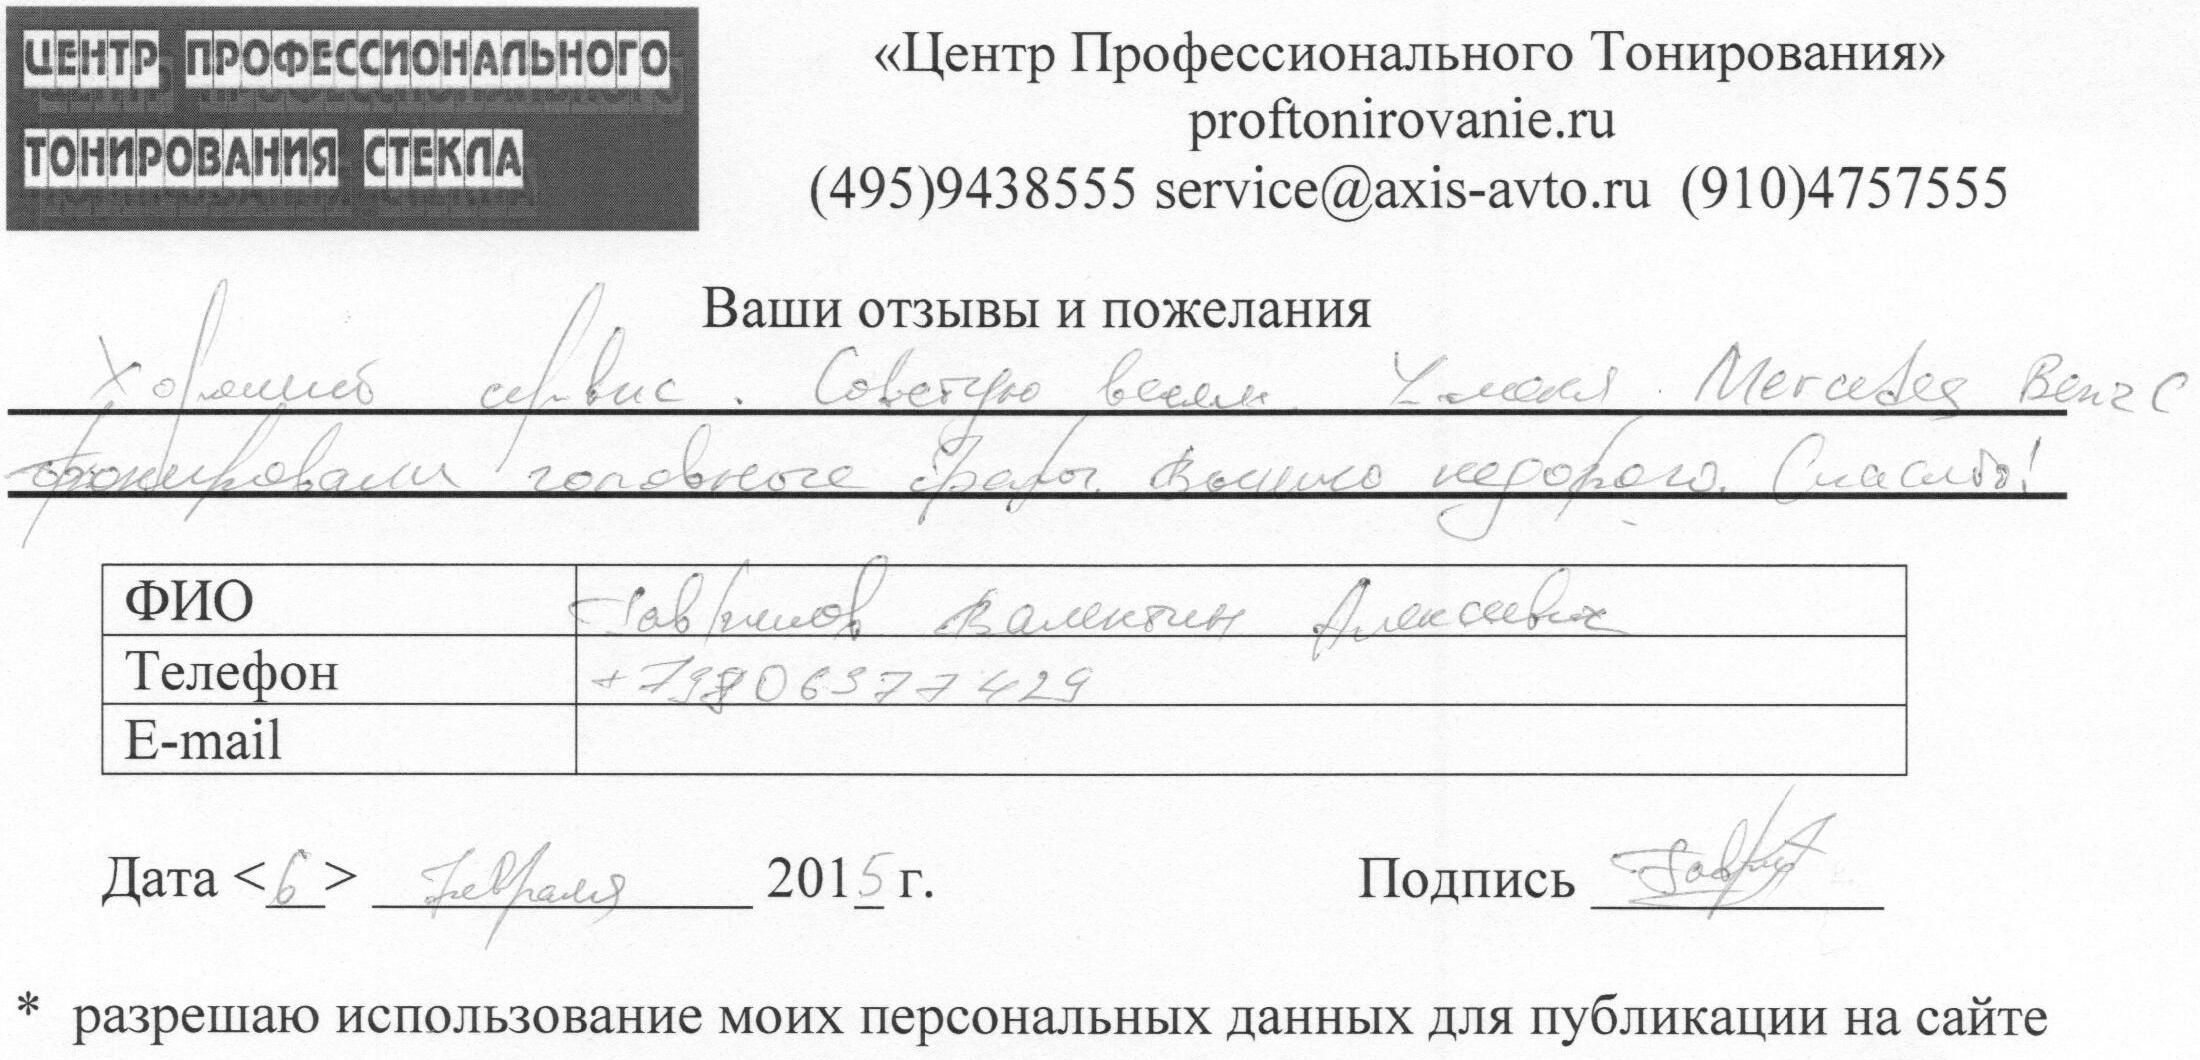 Отзывы из автосервиса_16